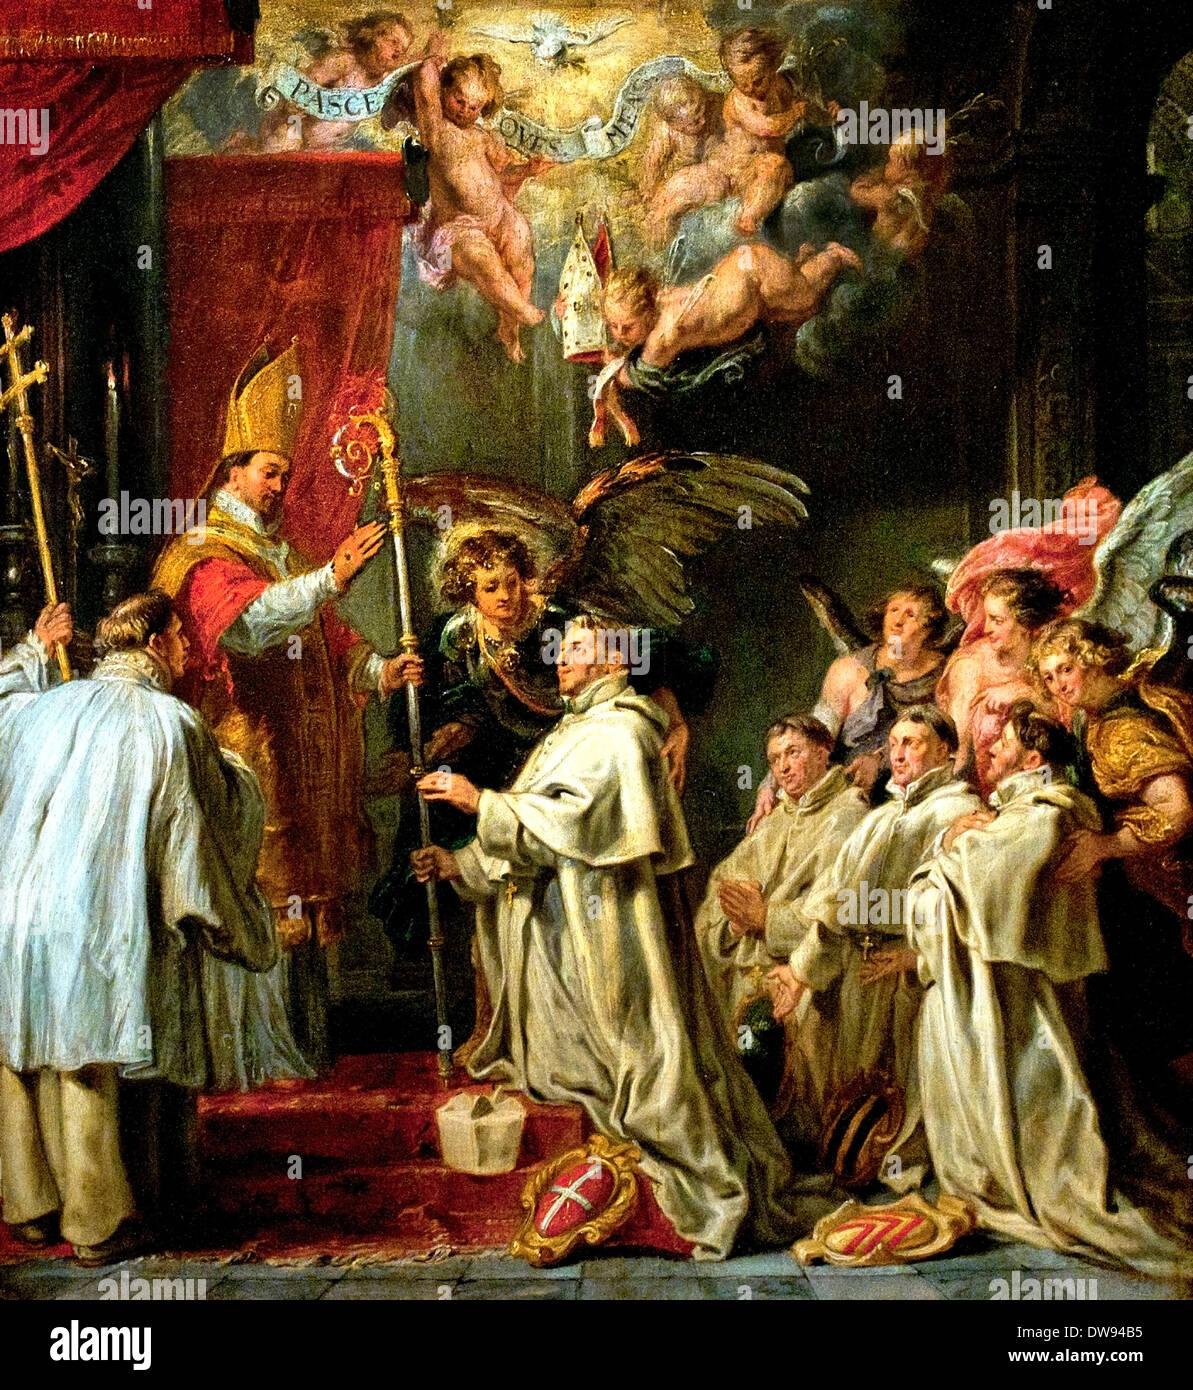 La dedicación del beato St. Norbert Waltman por Abraham van Diepenbeeck Holanda Holandesa 1596-1675 Imagen De Stock